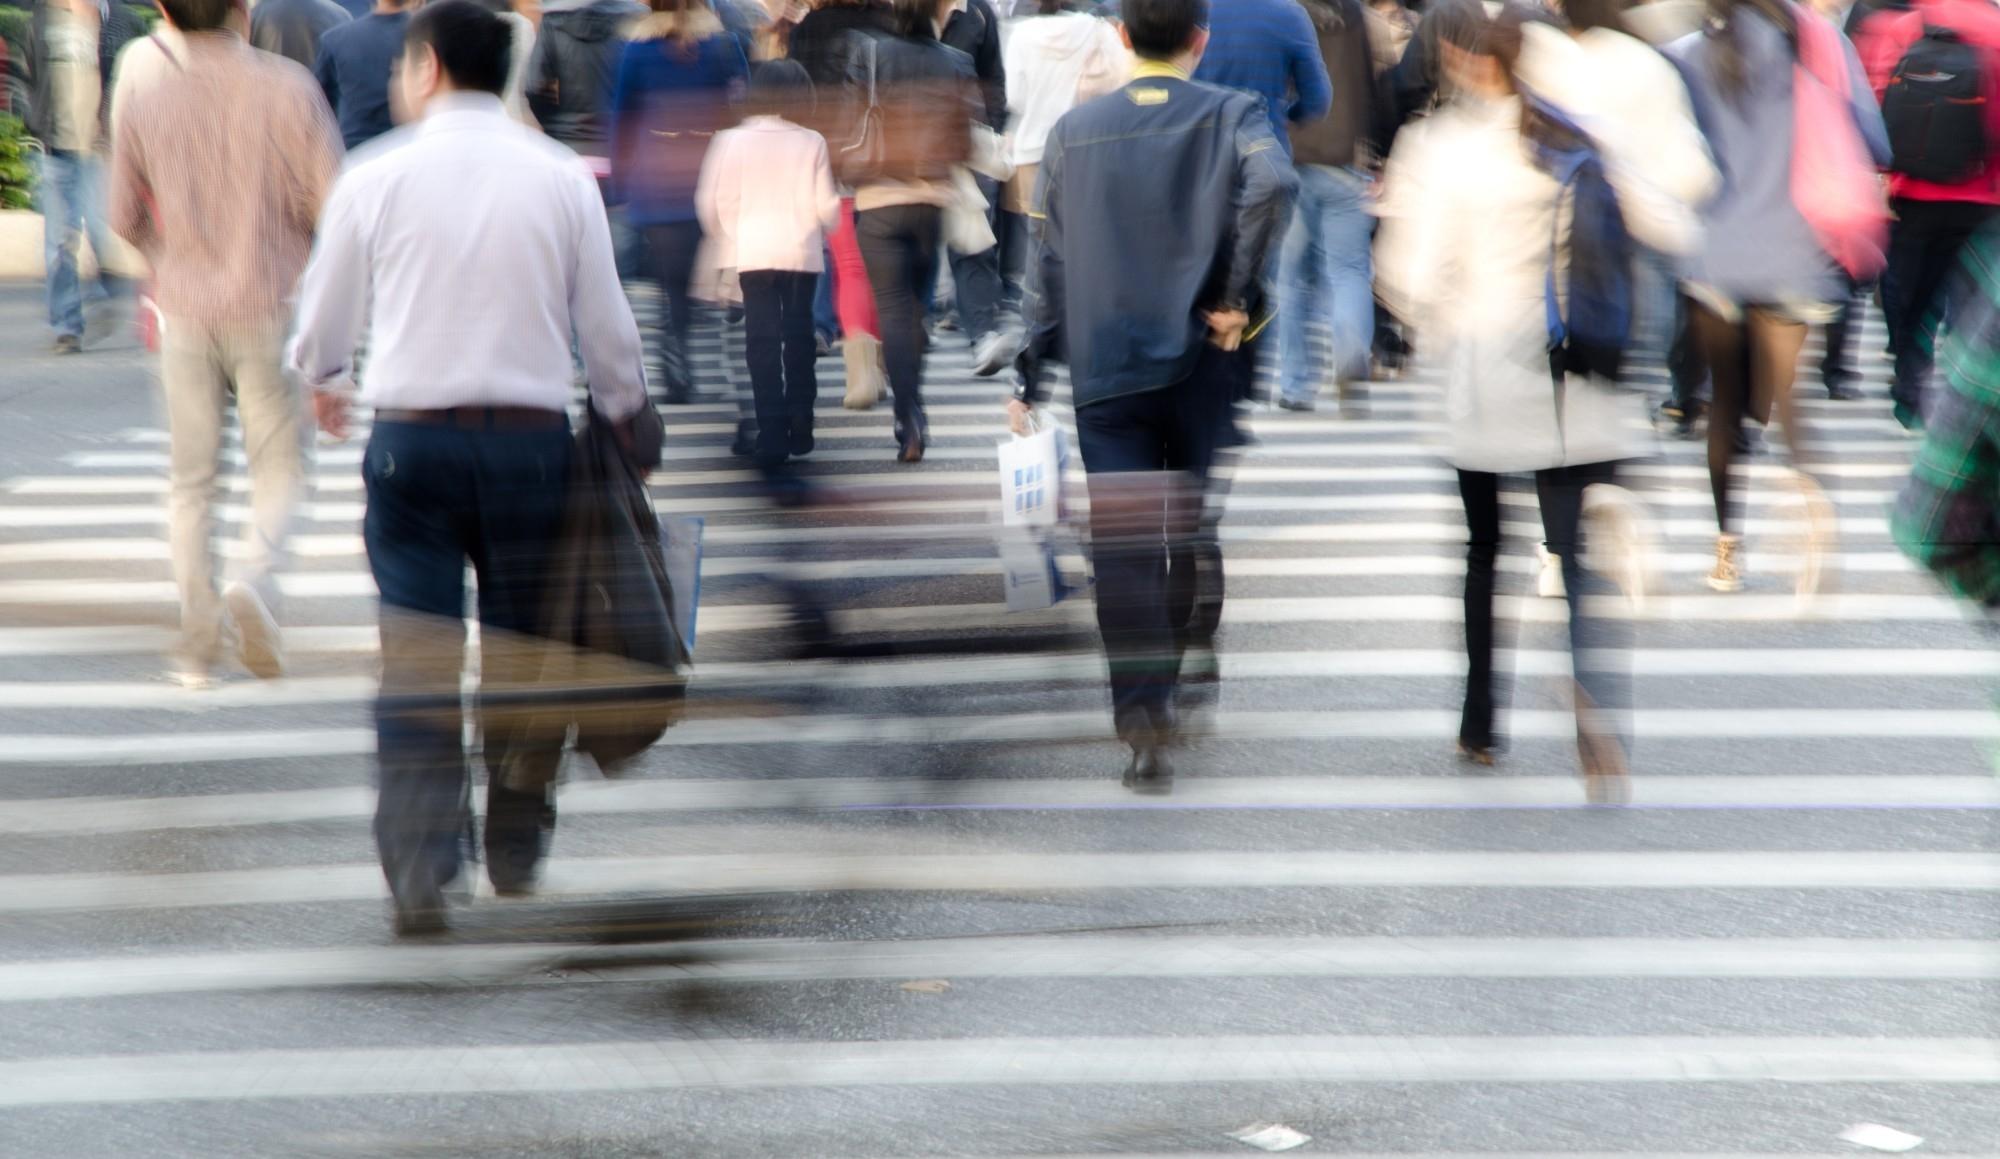 People walking on busy street.